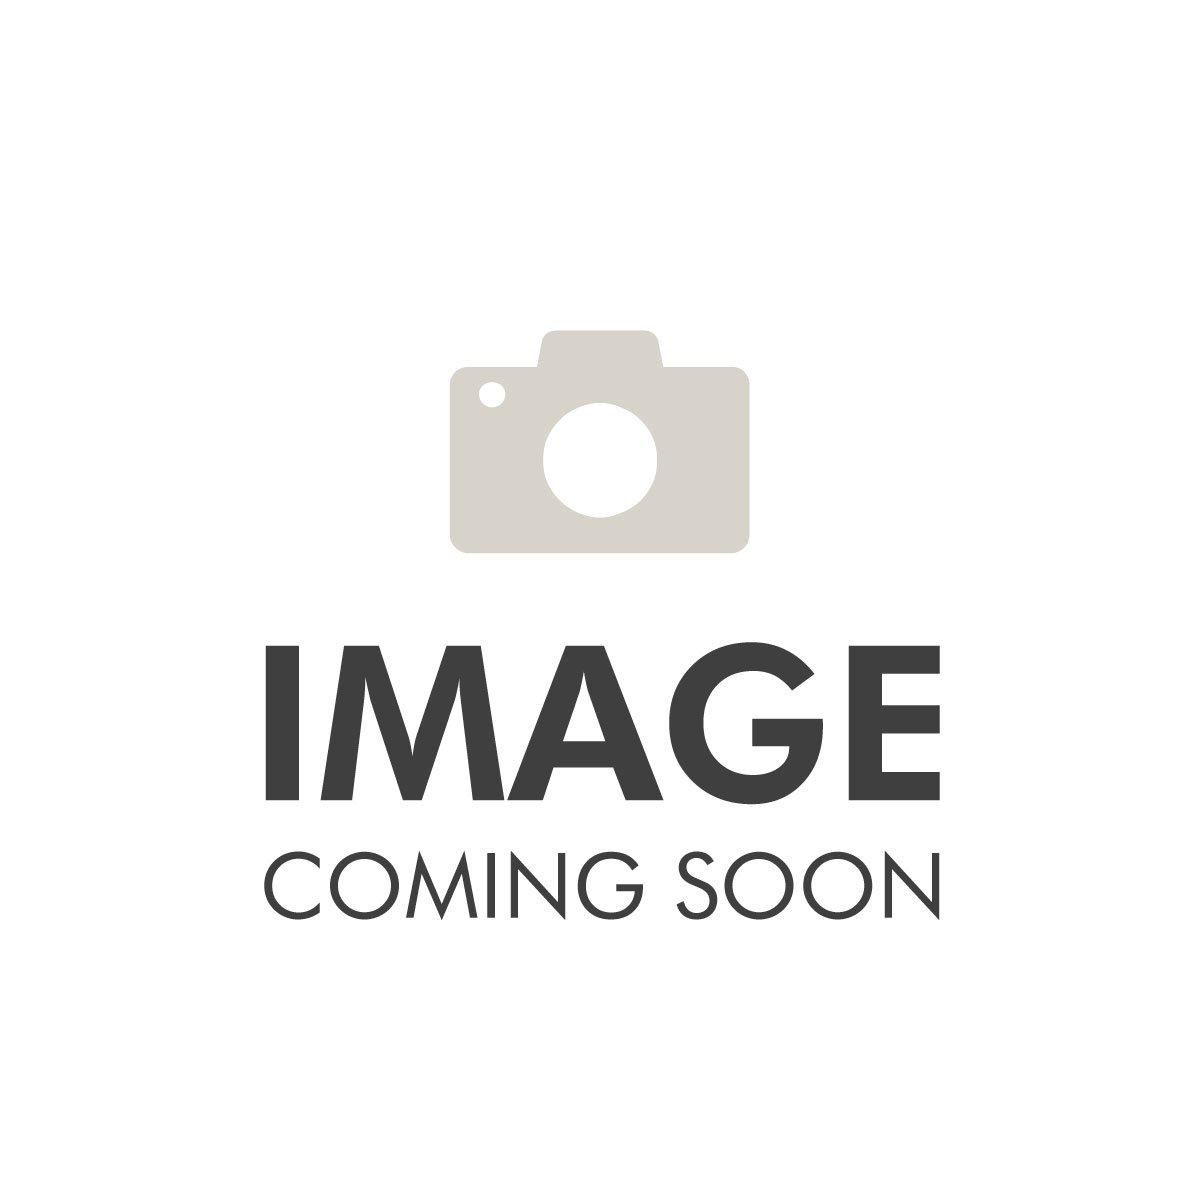 Christian Dior J'Adore 50ml Eau de Parfum Spray